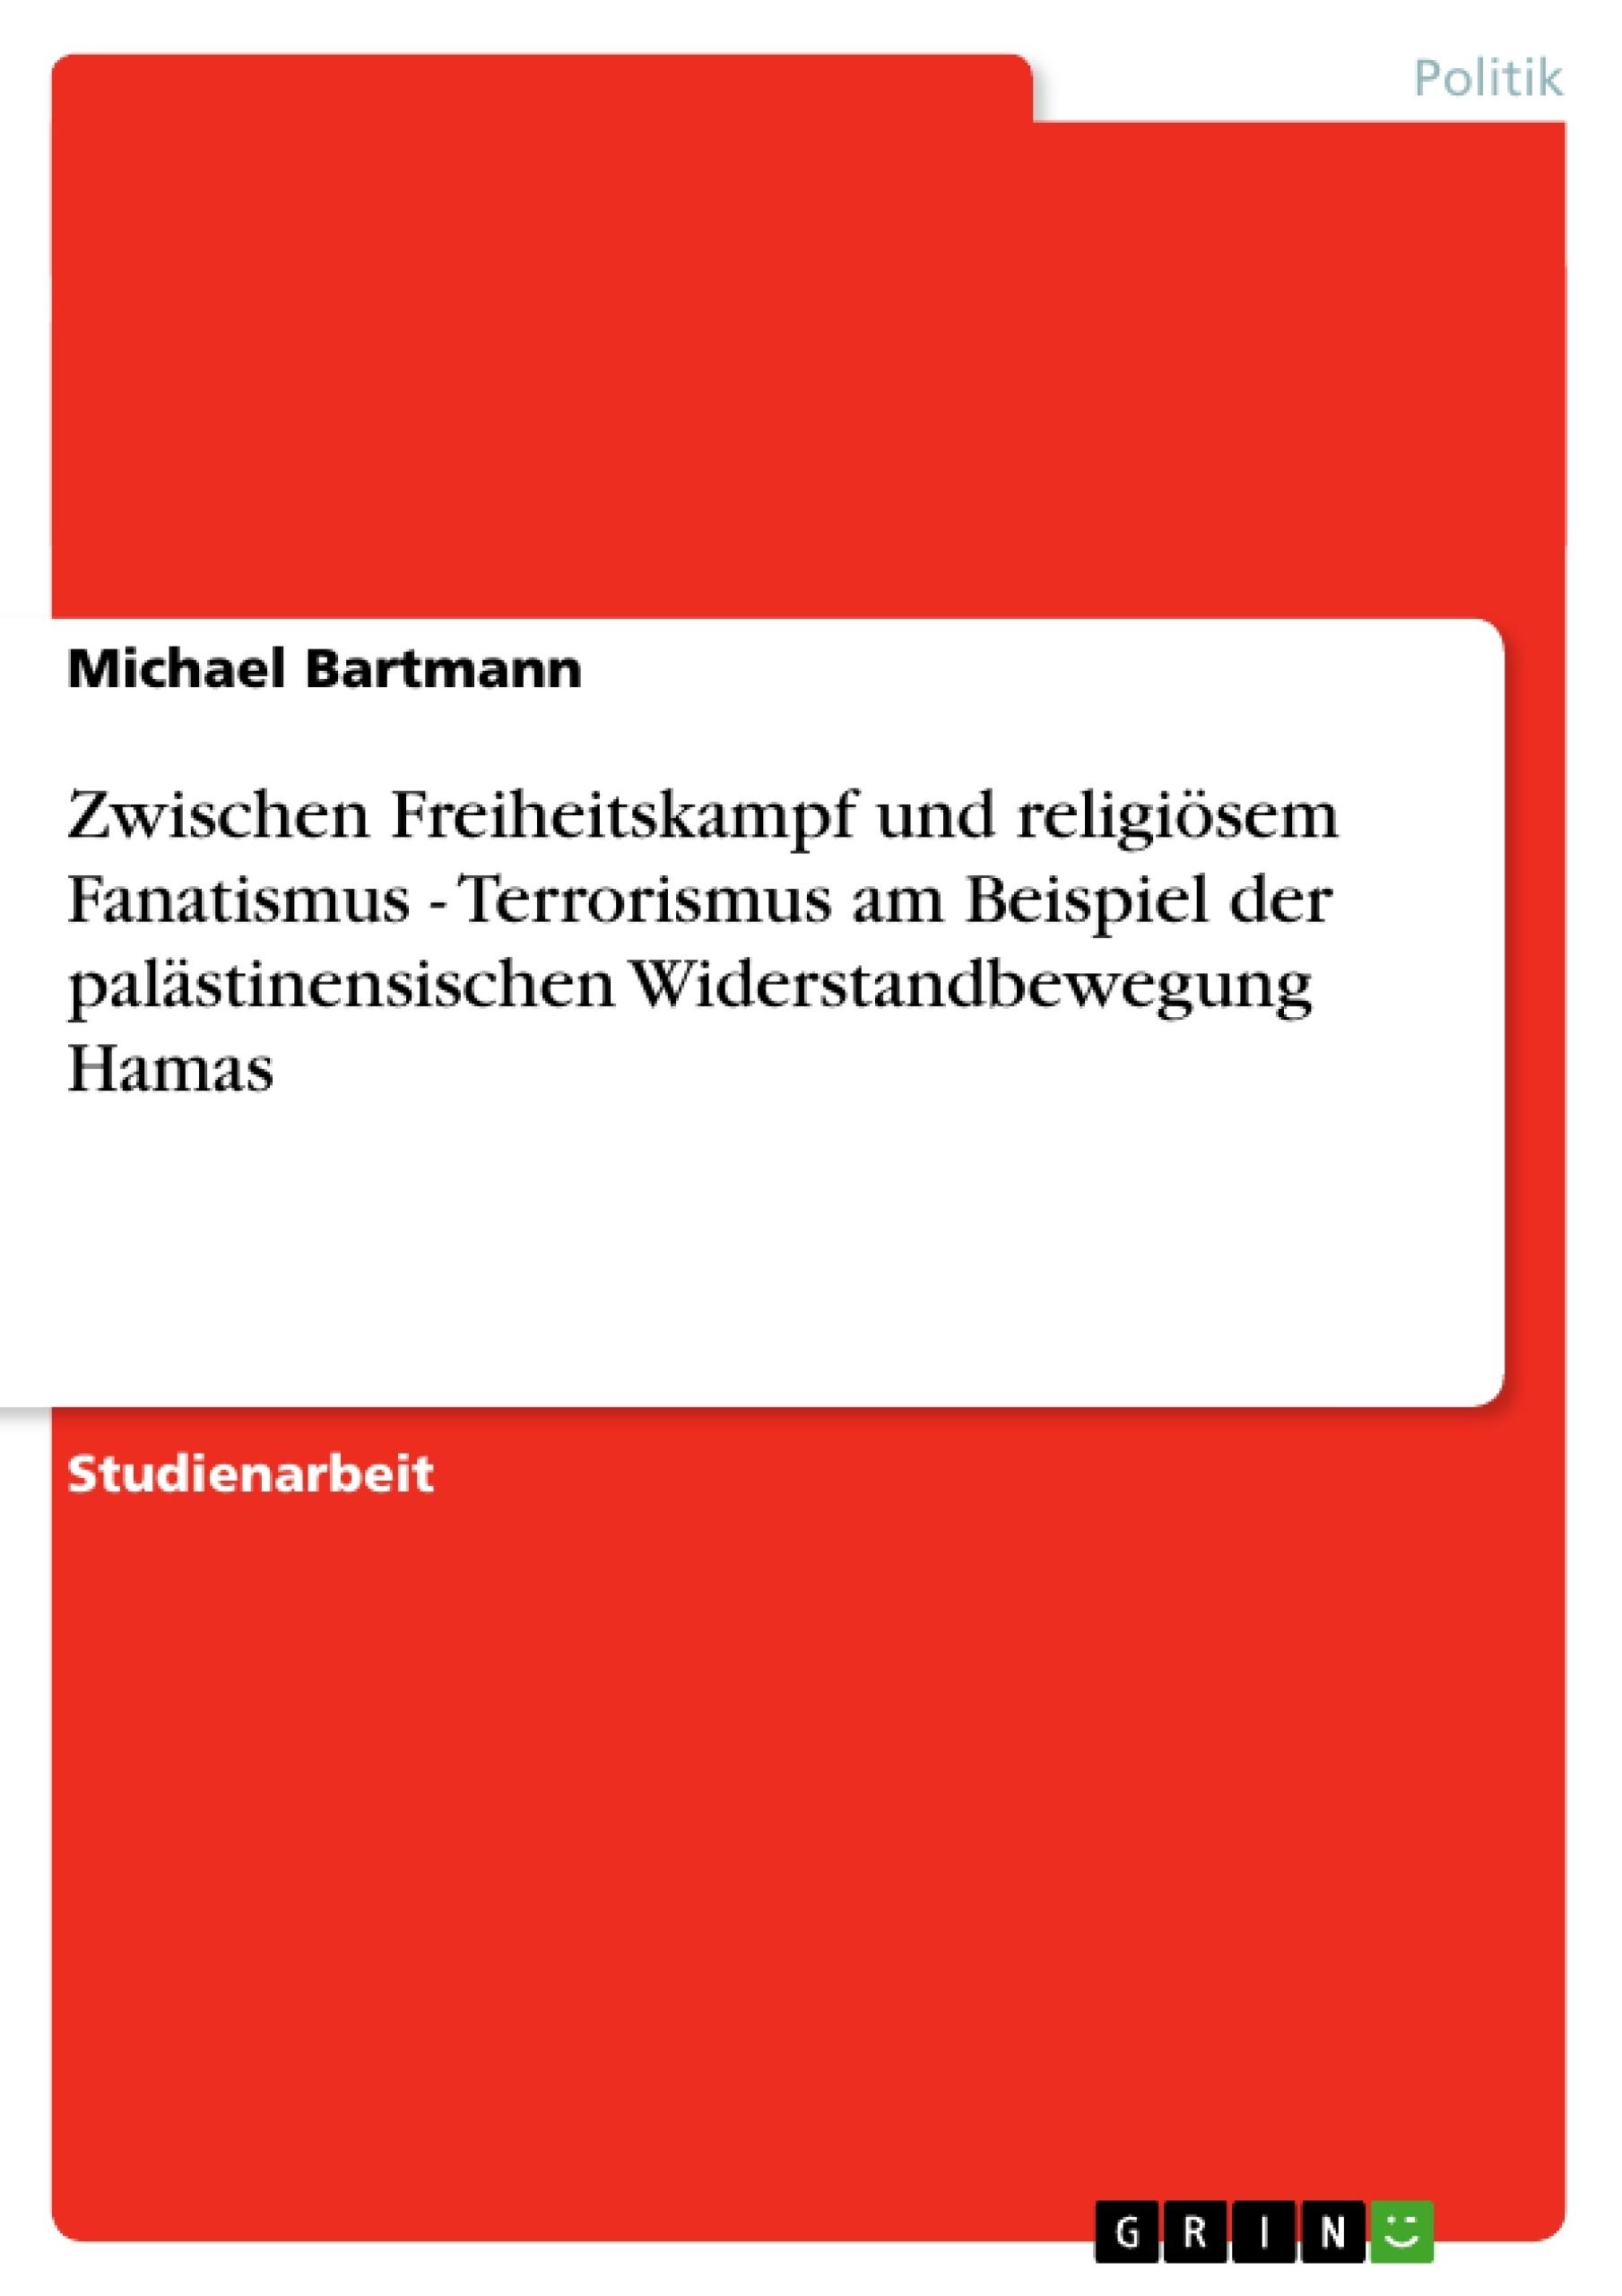 Titel: Zwischen Freiheitskampf und religiösem Fanatismus - Terrorismus am Beispiel der palästinensischen Widerstandbewegung Hamas